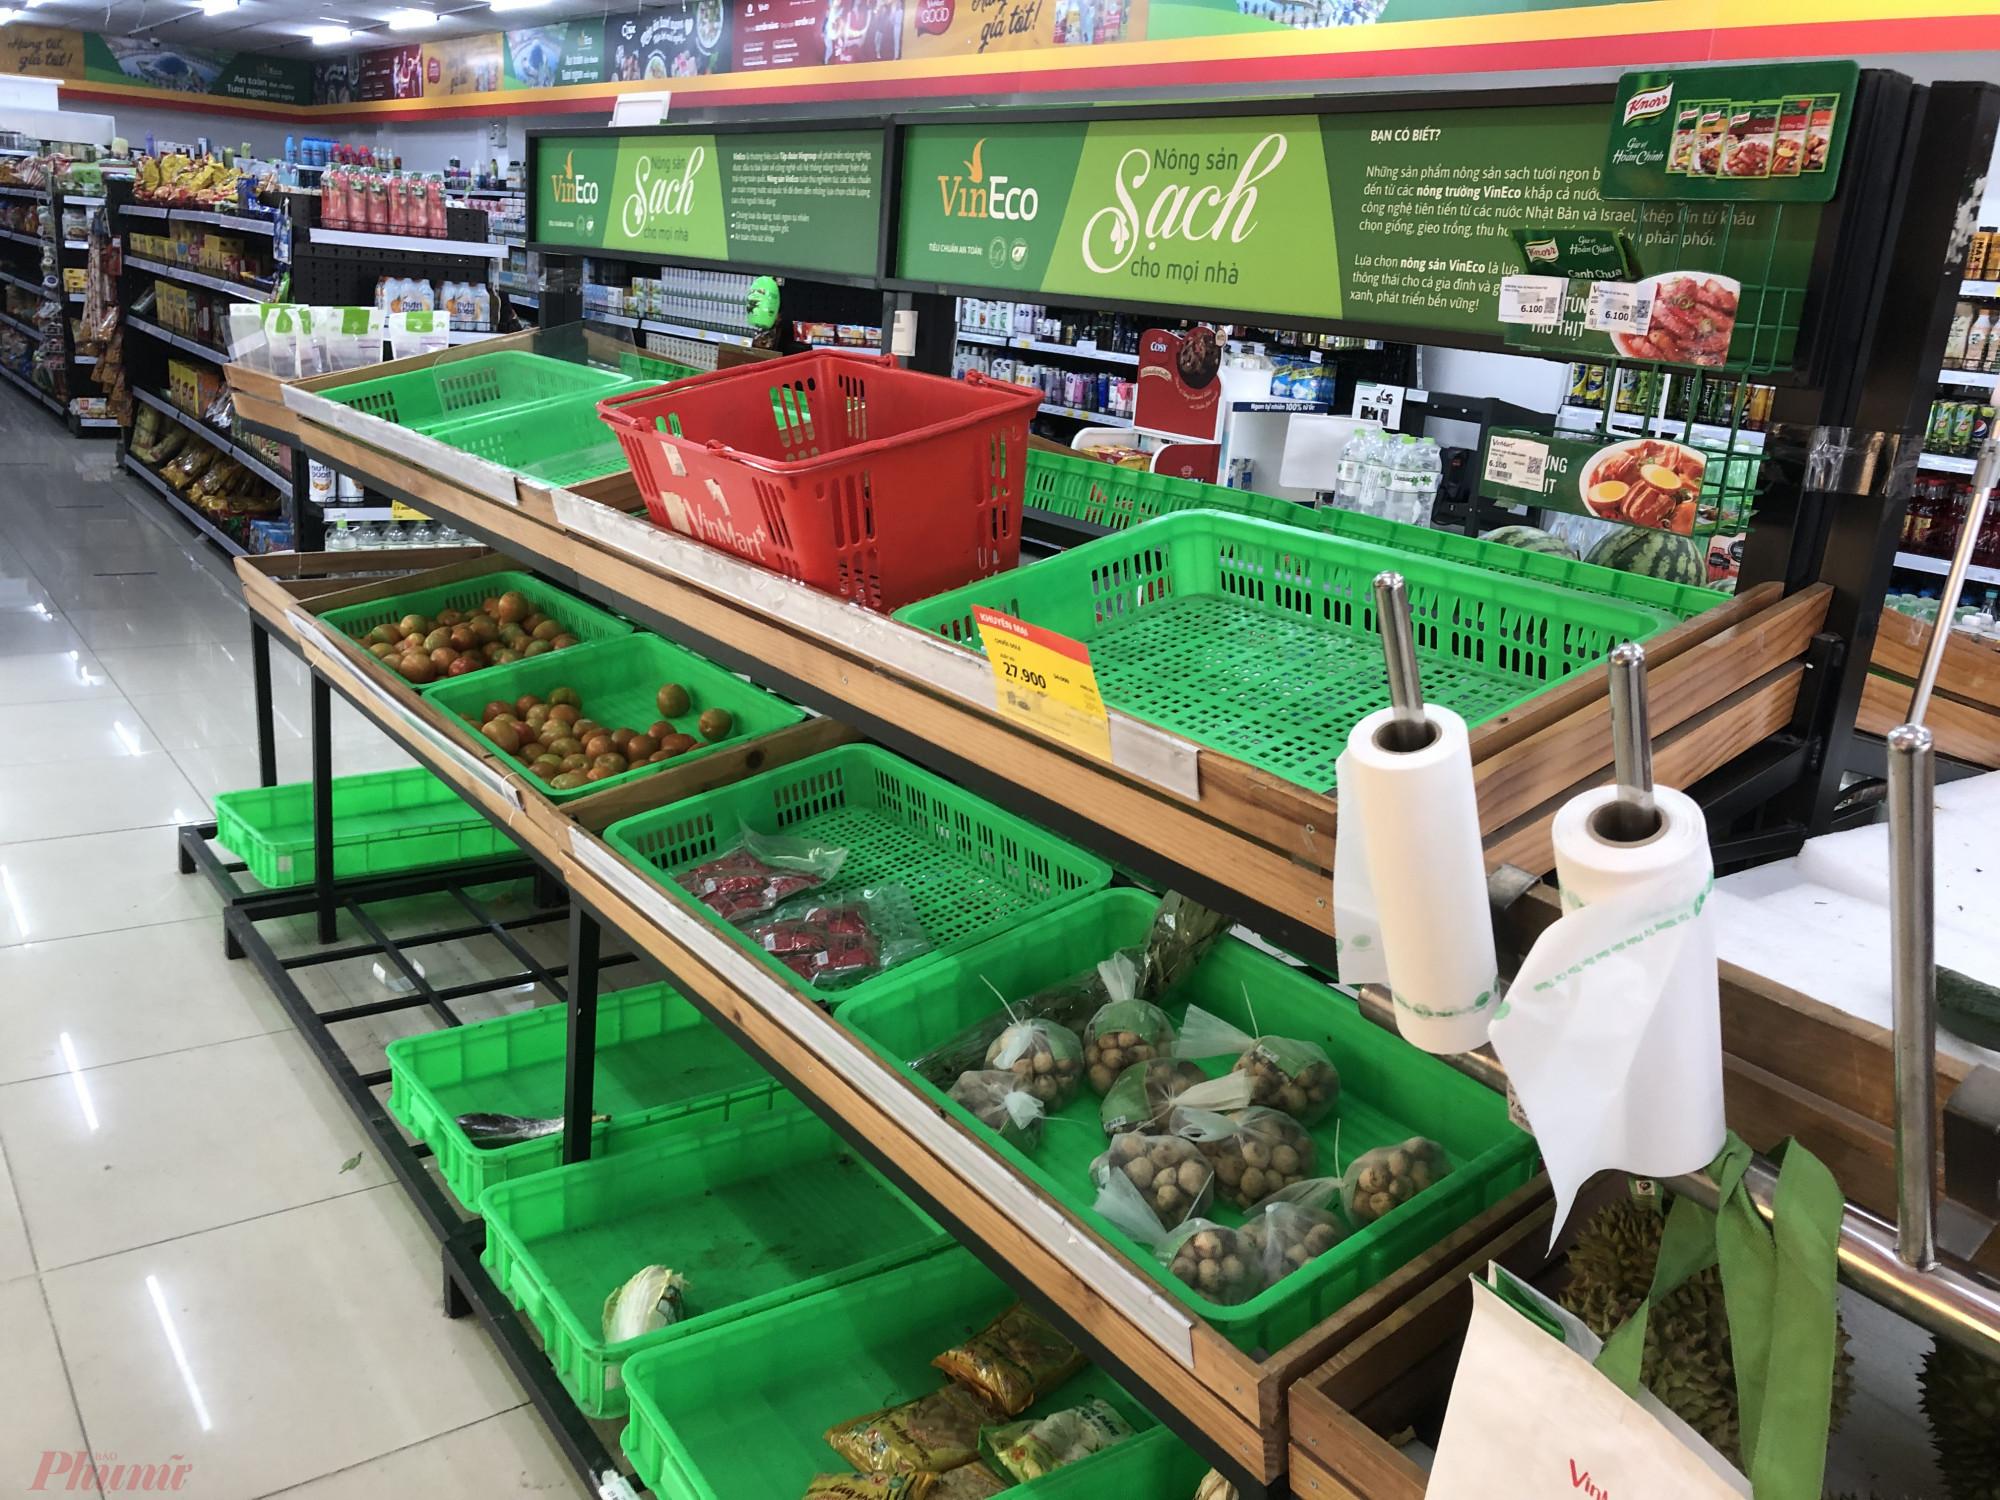 Quầy rau tại Vinmart chỉ còn vài loại